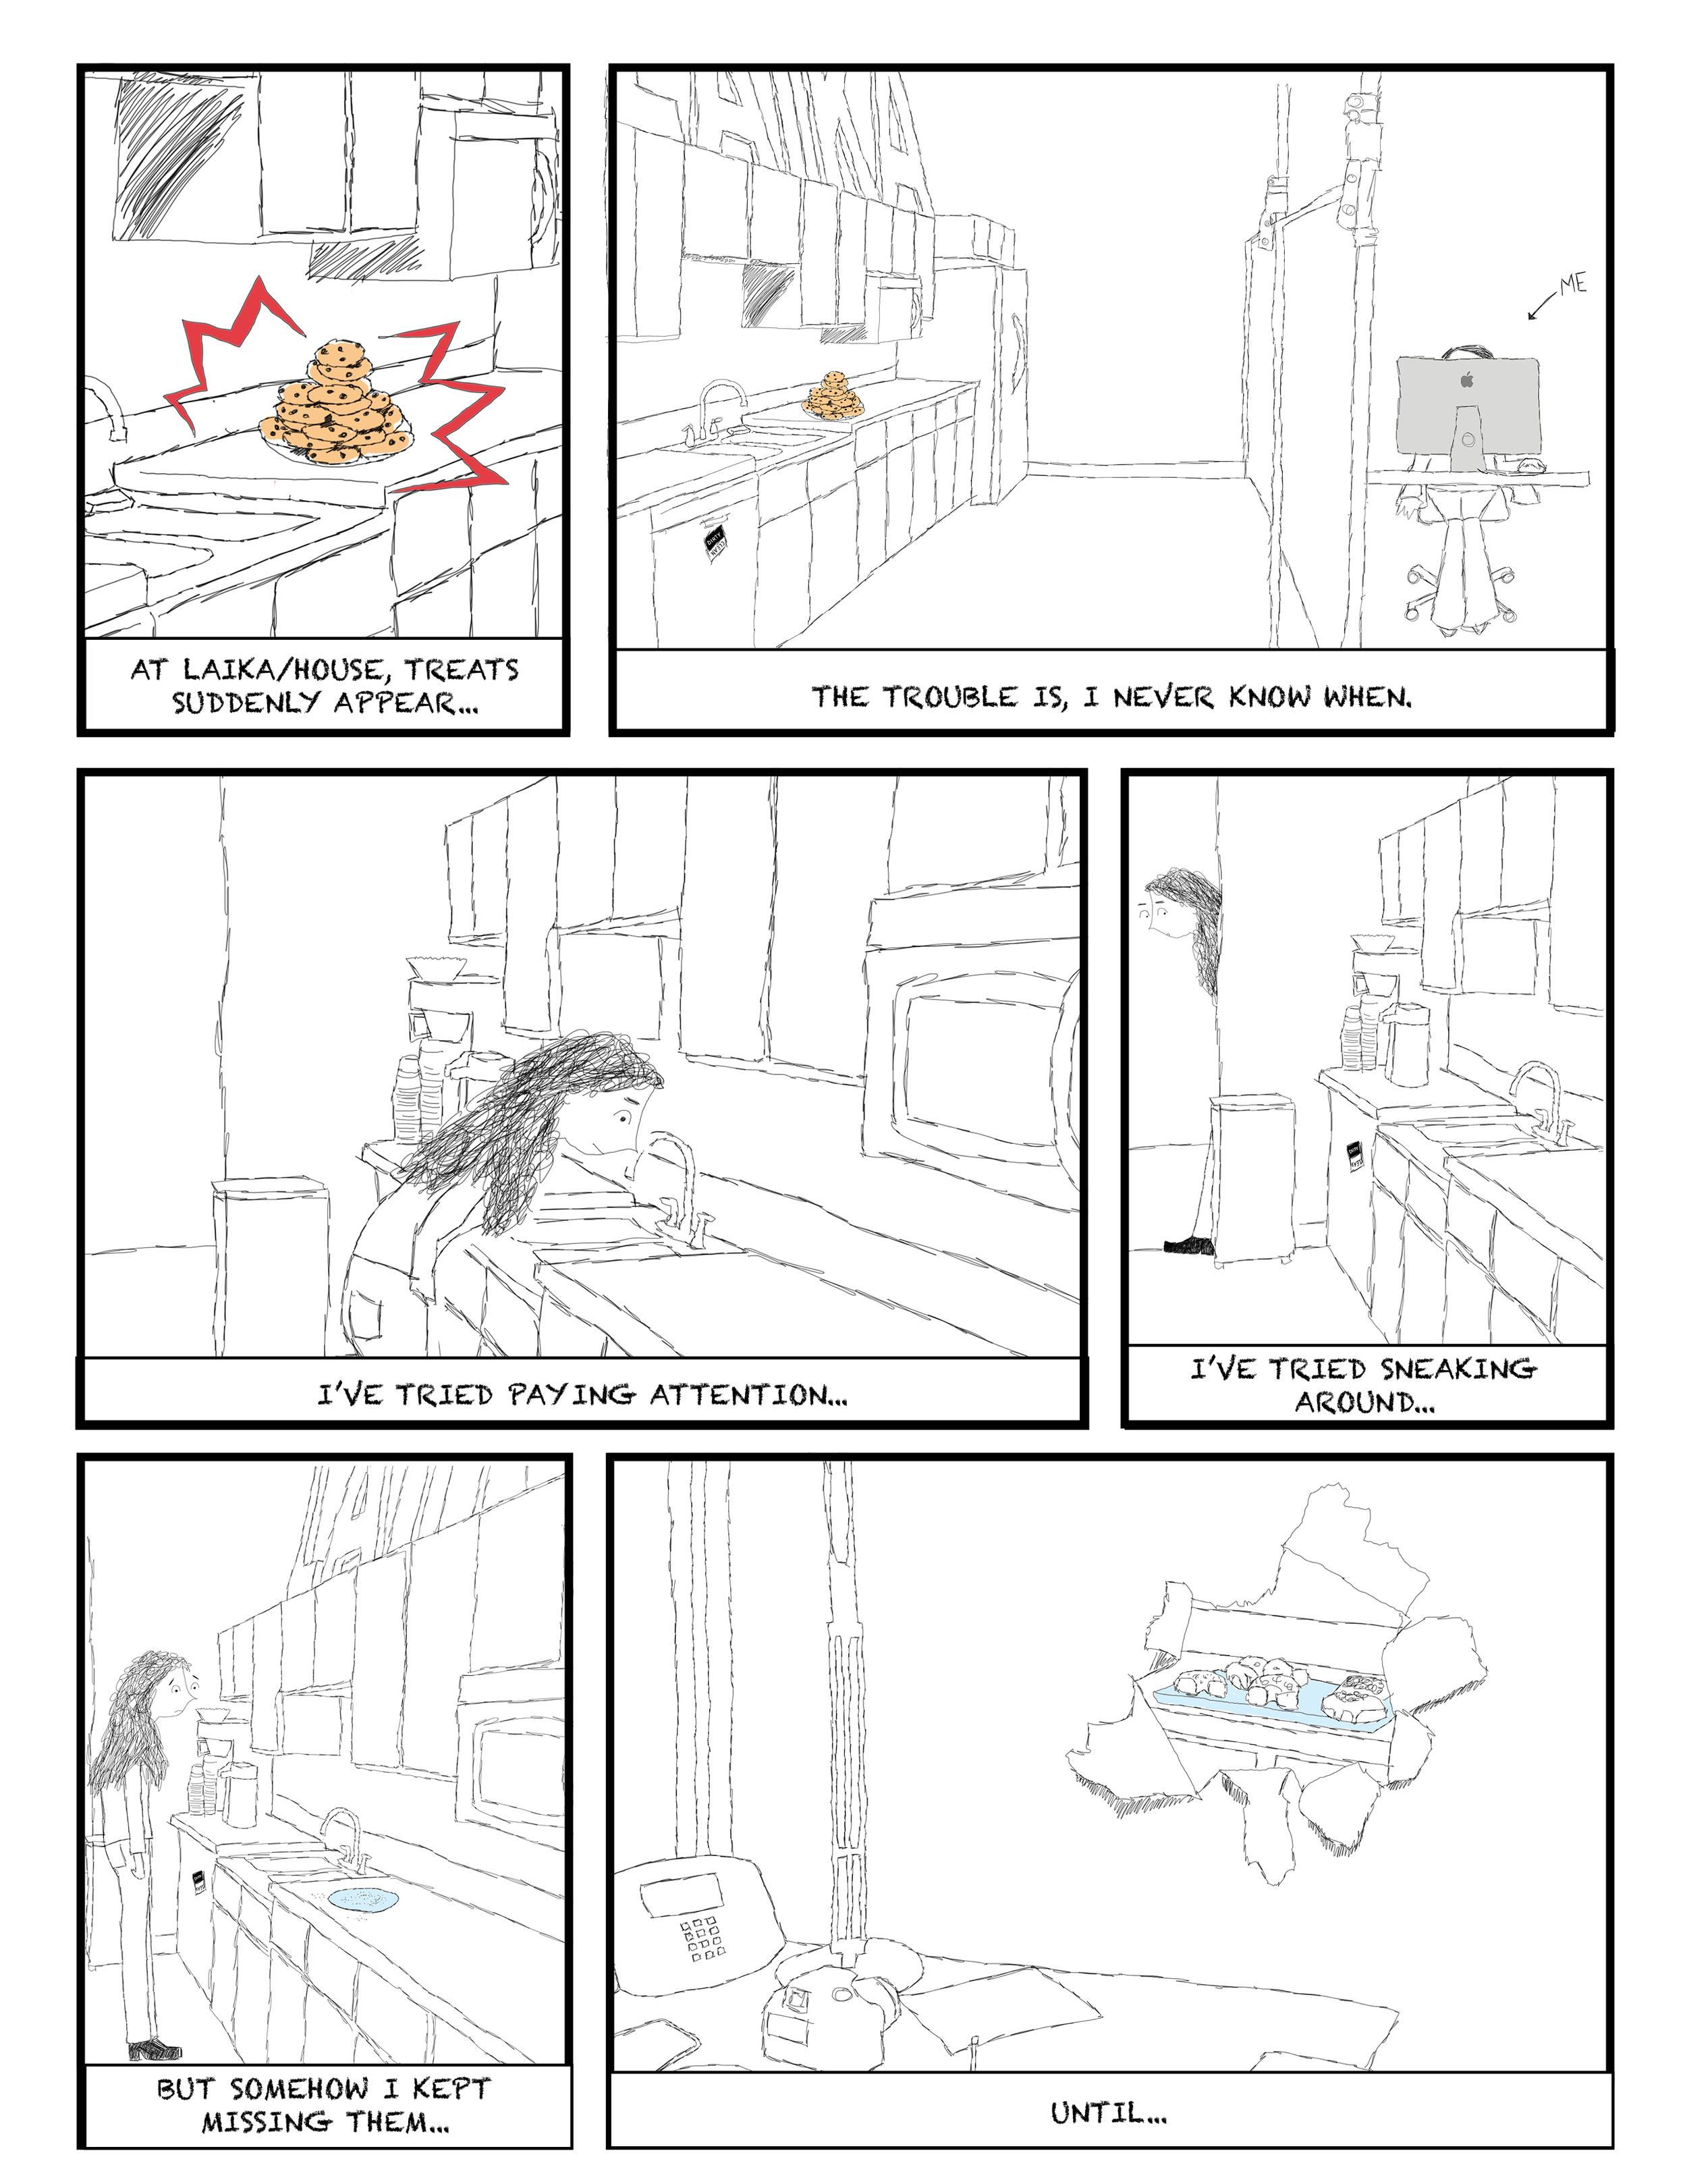 TREATS comic